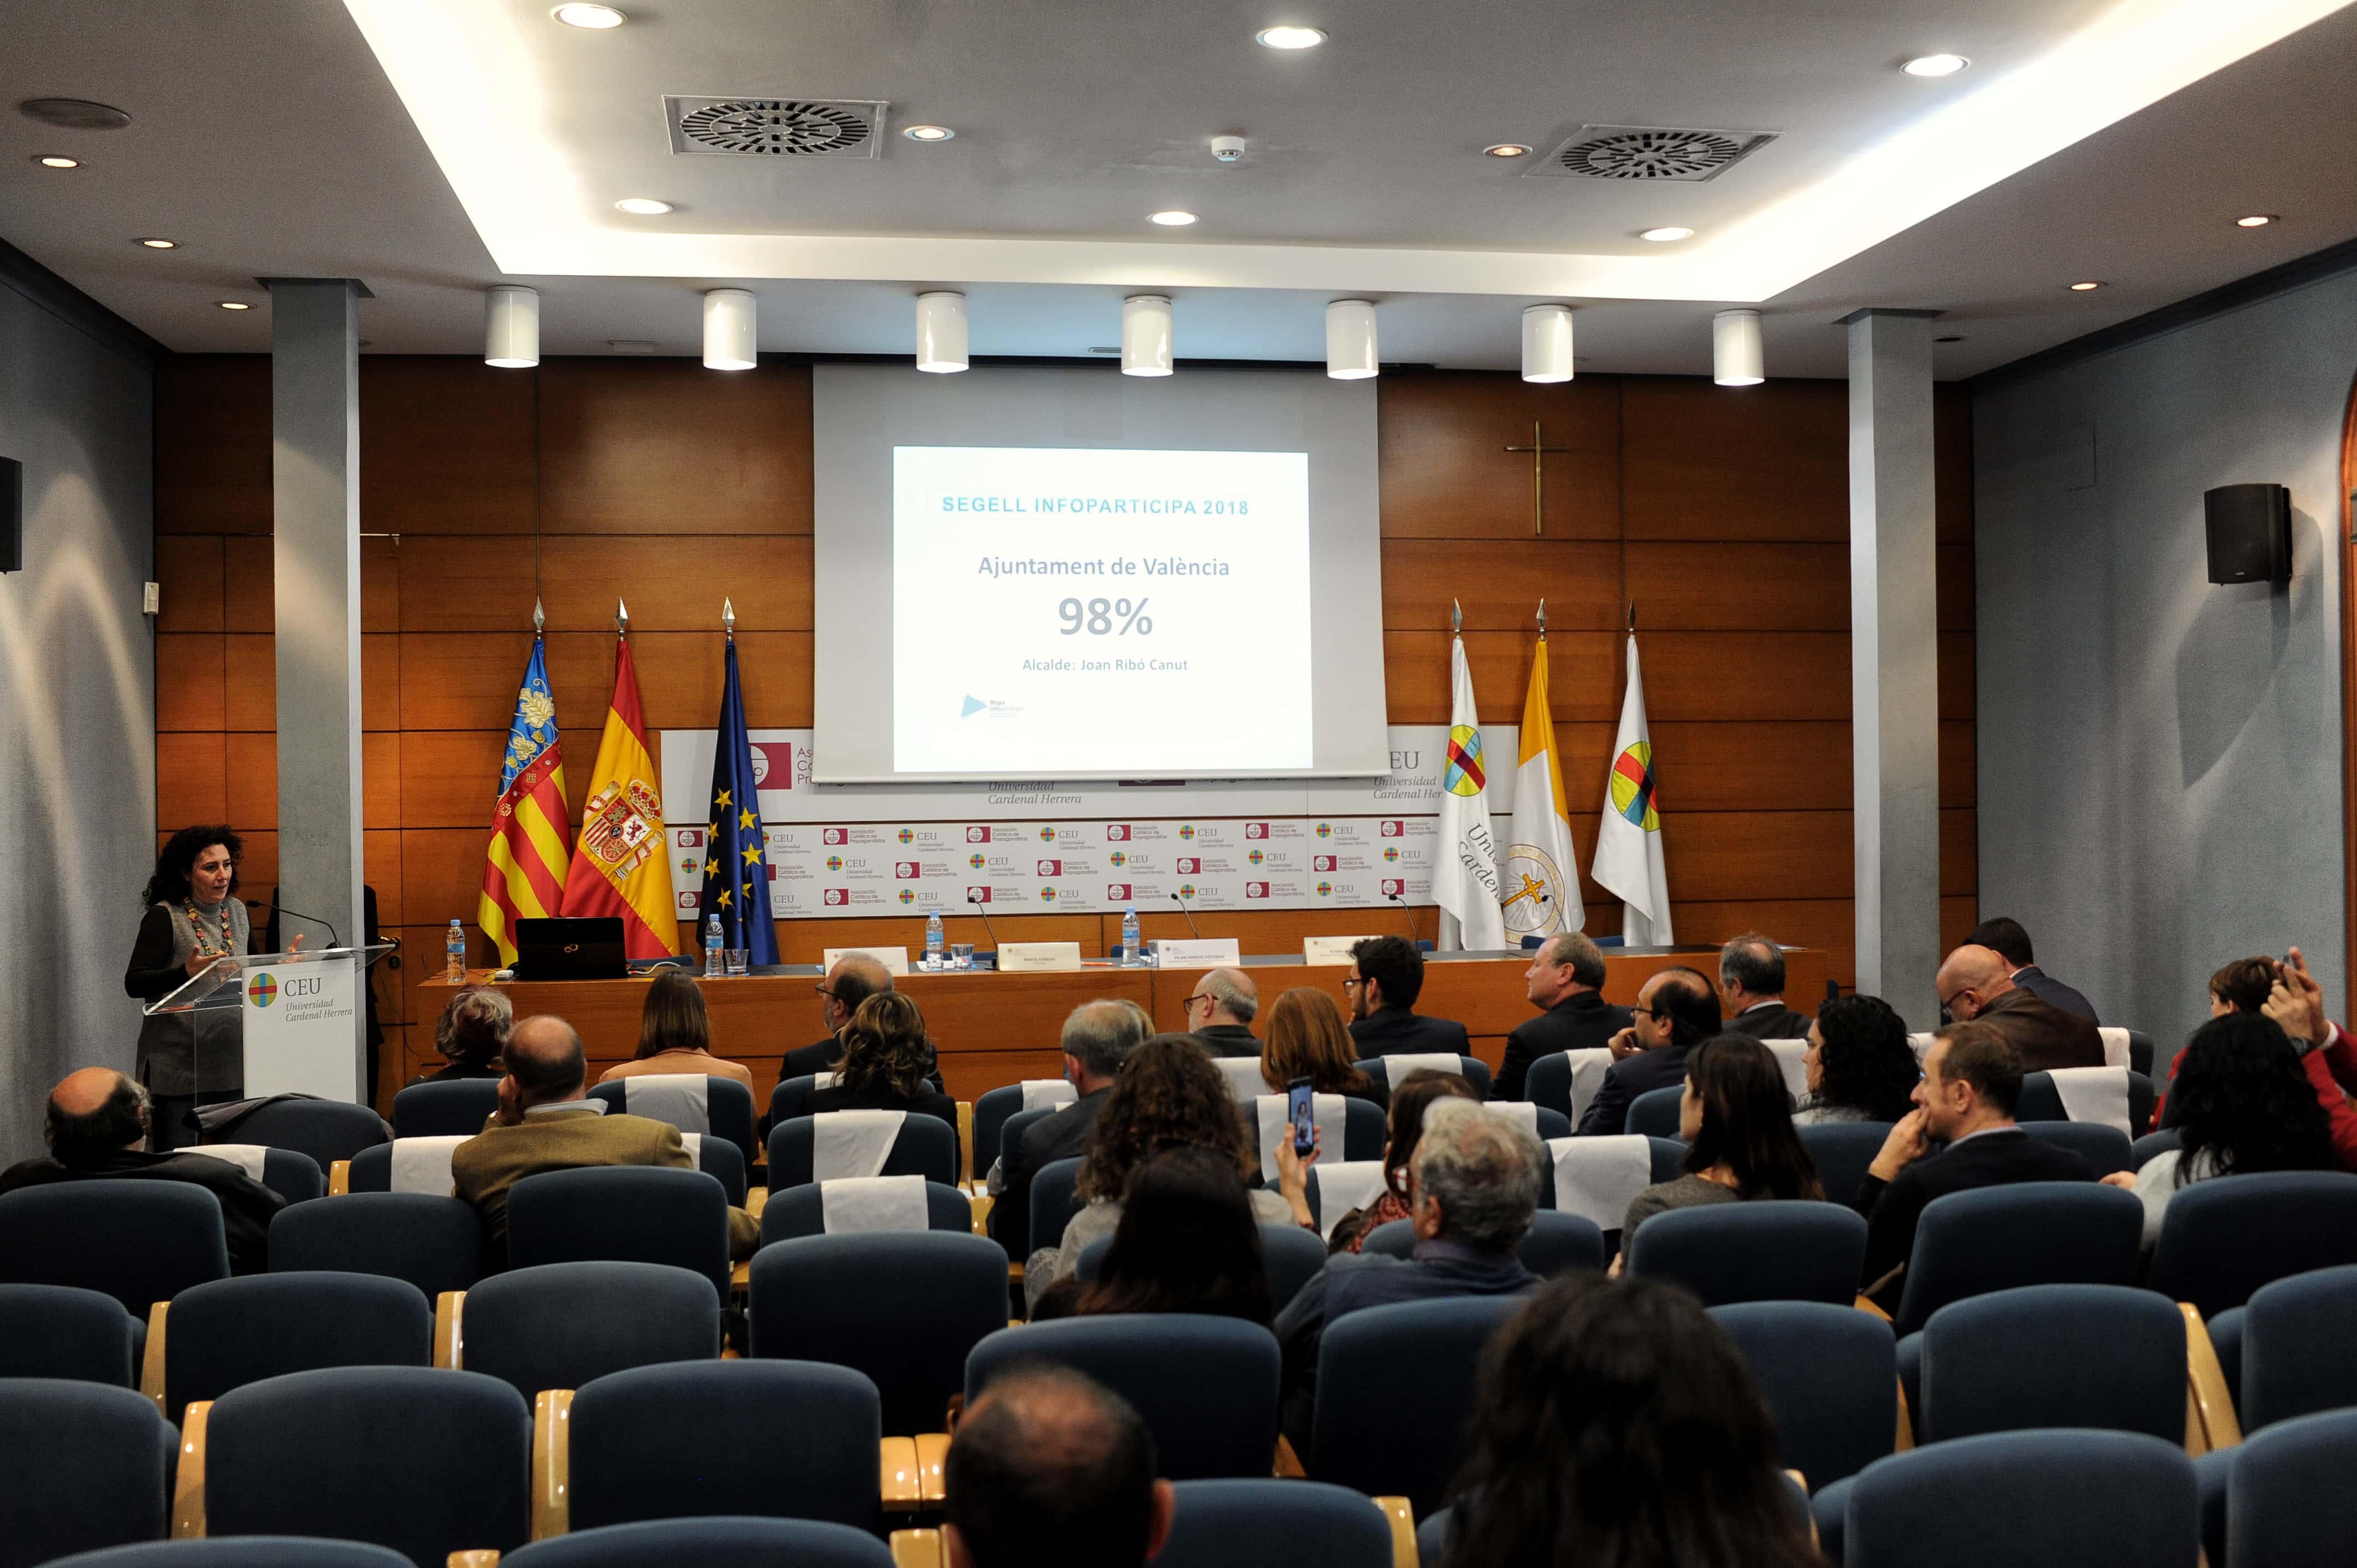 la-ceu-uch-y-la-autnoma-de-barcelona-premian-a-los-ayuntamientos-de-valencia-alzira-elche-y-castelln-por-la-transparencia-de-sus-webs-municipales_46676560205_o